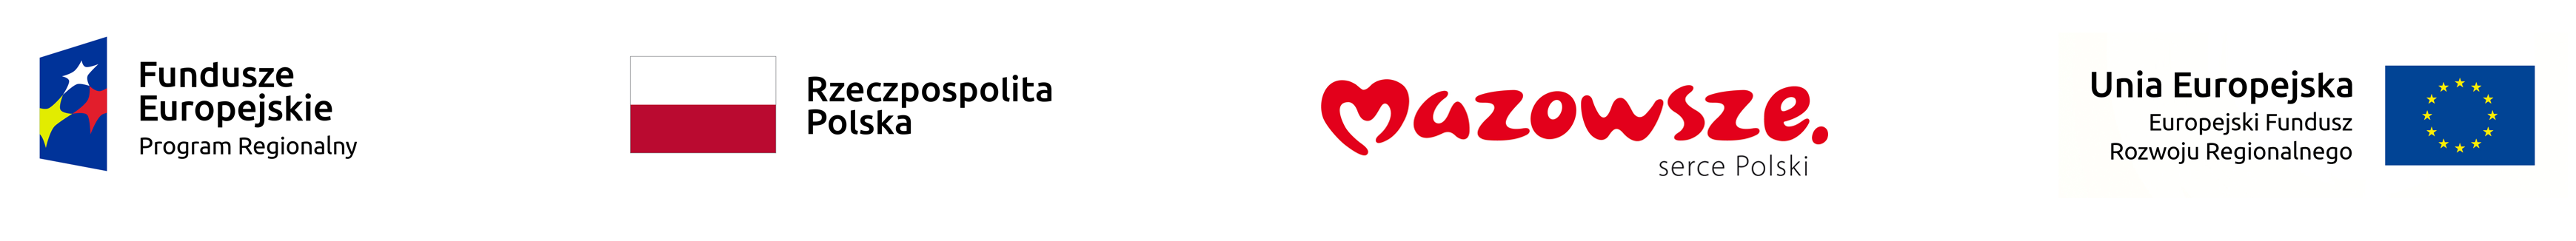 Logotypy projektu - Fundusze Europejskie, Rzeczpospolita Polska, Mazowsze, Unia Europejska